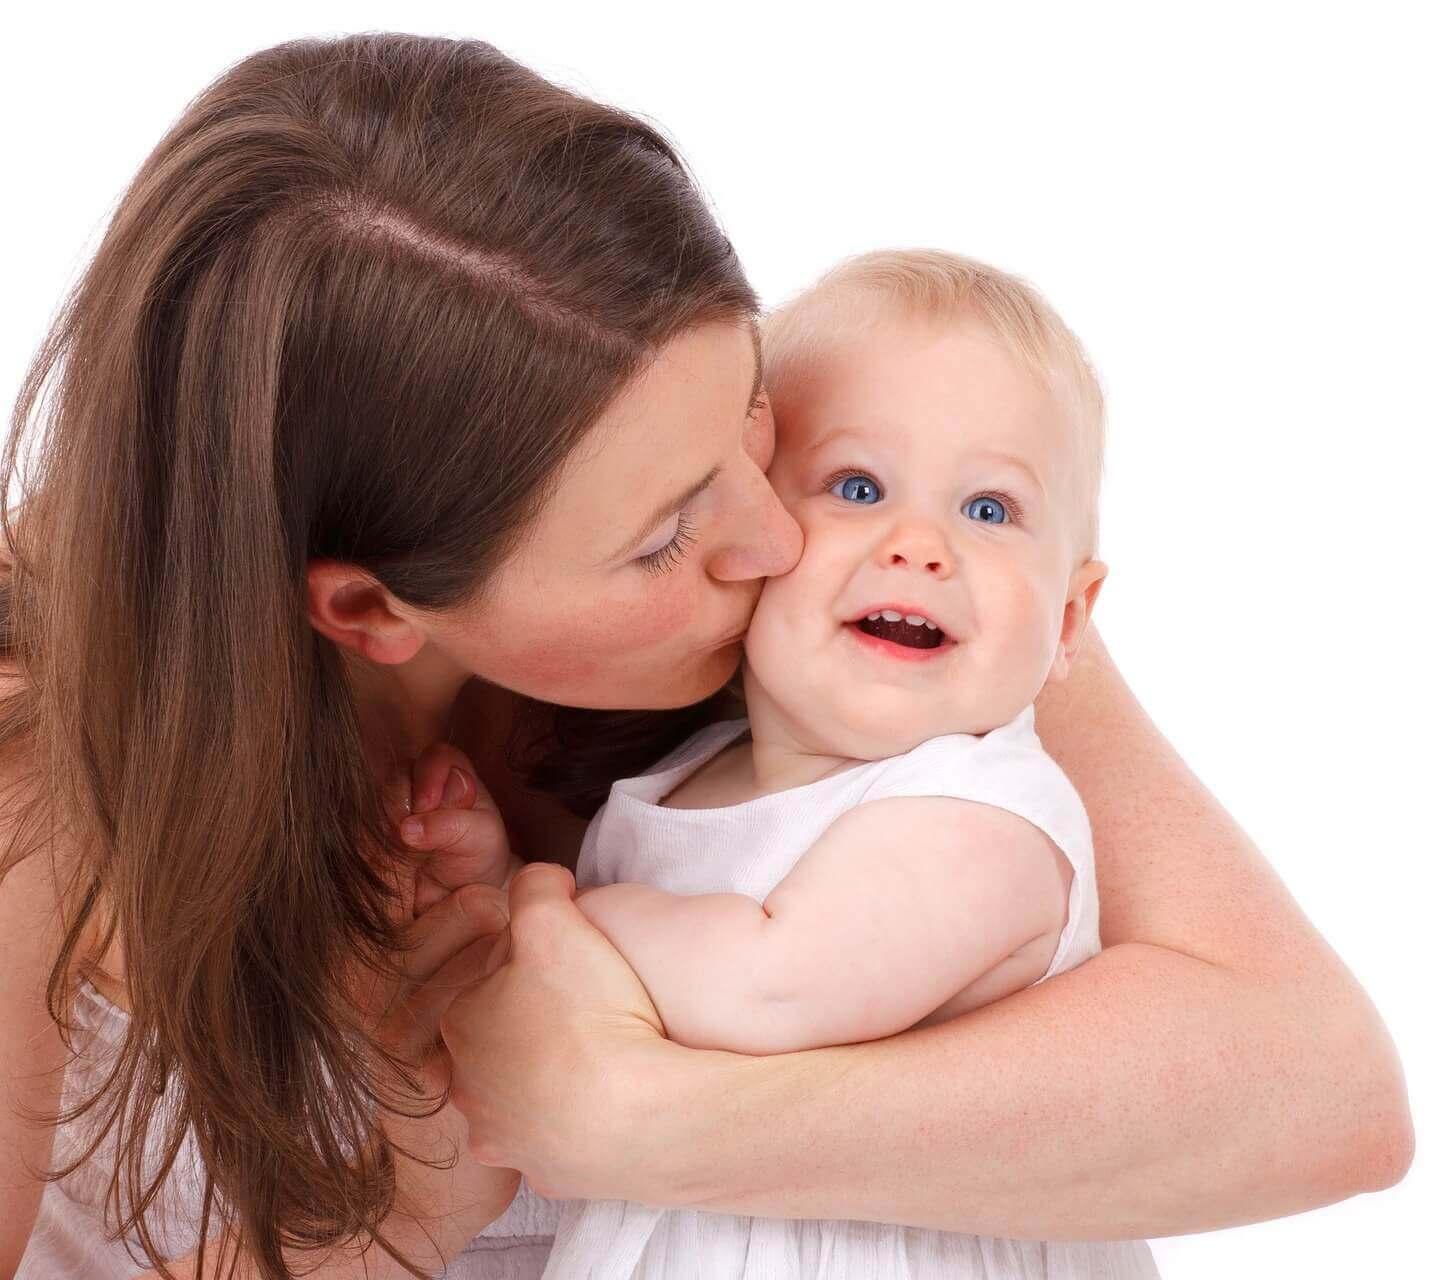 Oftalmologie pentru copii - oftalmopediatrie, imagine generica